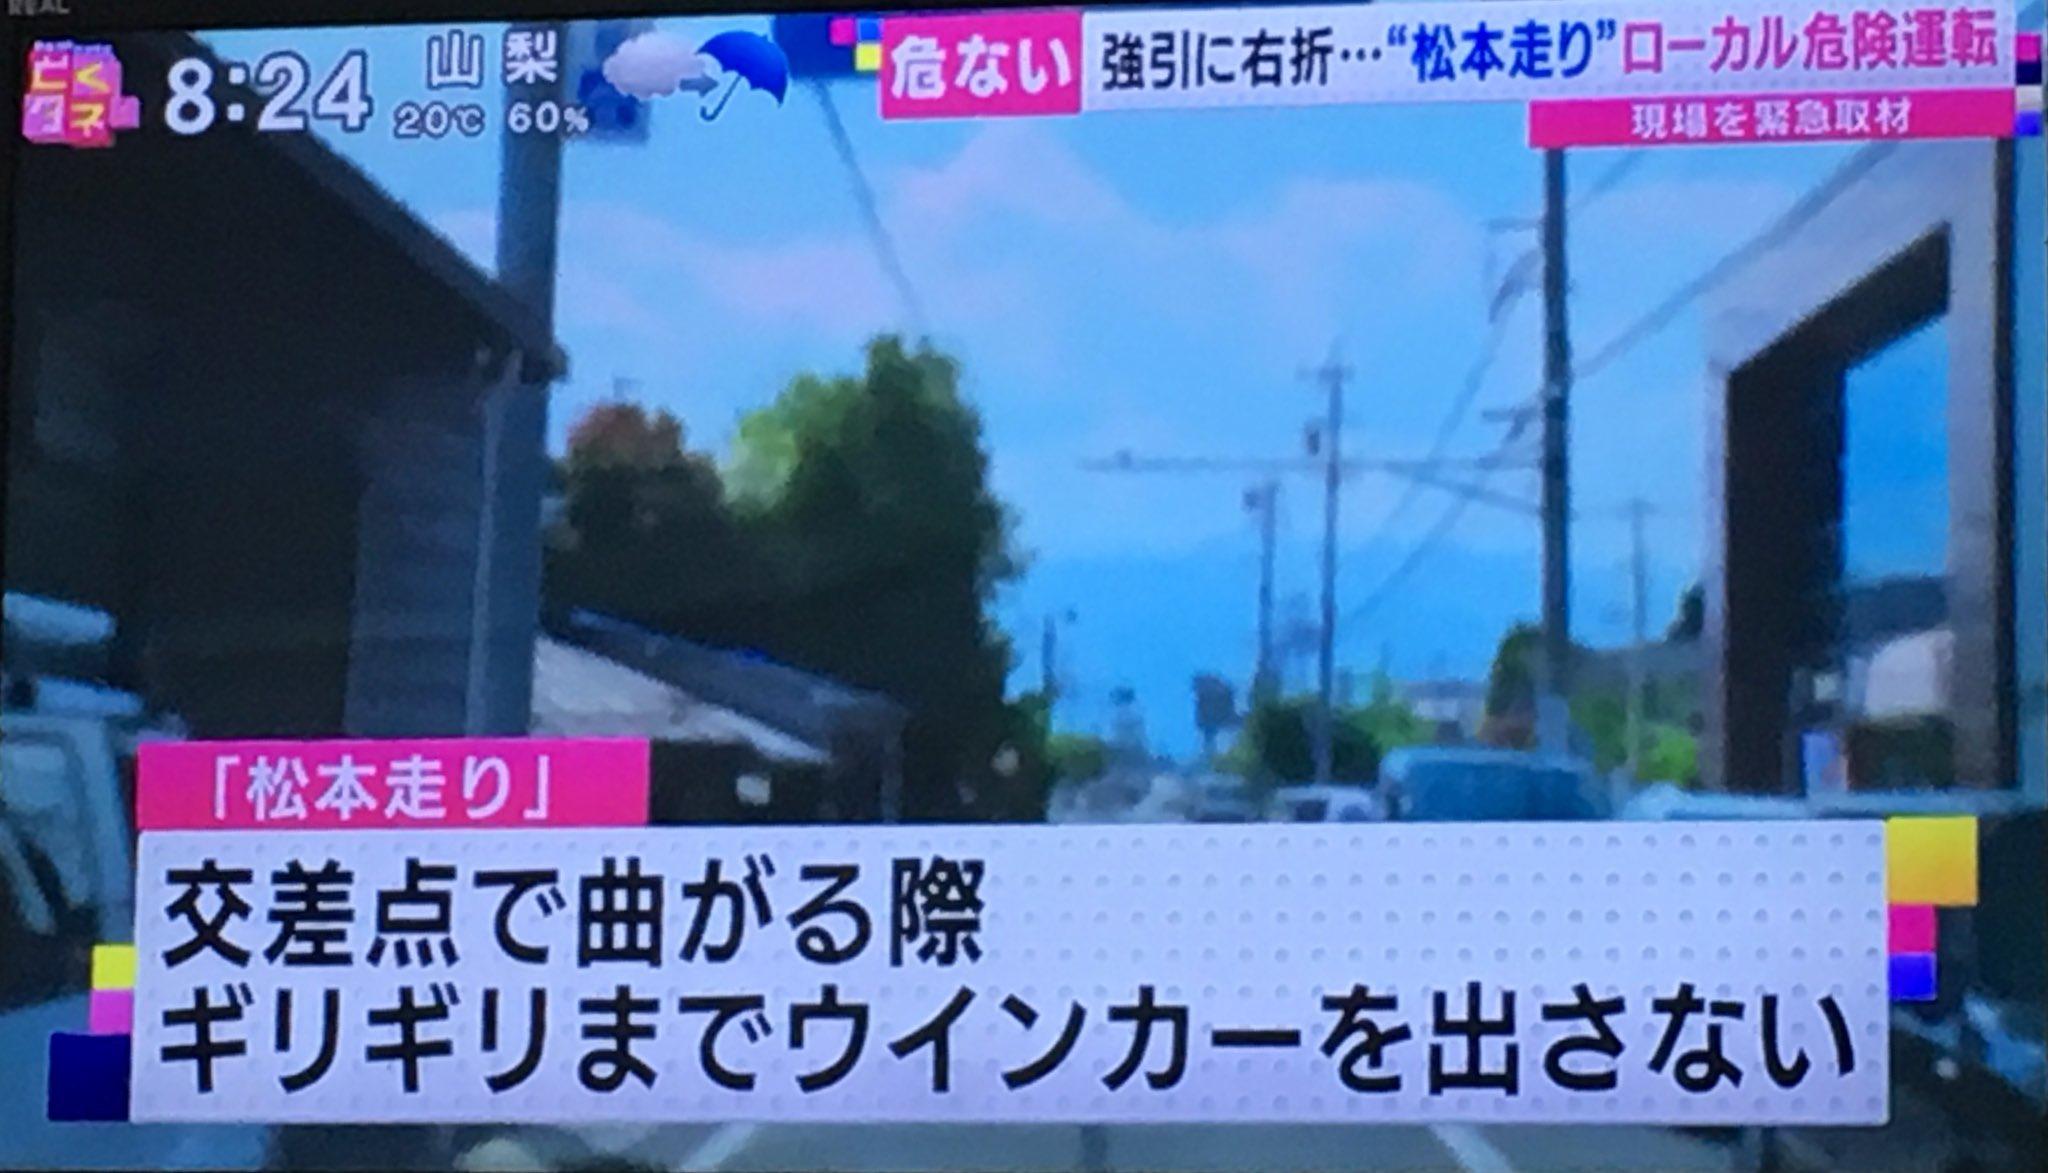 ローカル危険運転を特集してた。 「名古屋走り」は聞いたことあったけど、「松本走り」(長野県)もあるのか… 他にも、全国には「茨城ダッシュ」「山梨ルール」「伊予の早曲がり」「播磨道交法」など。 こういうところでは運転したくないなぁ… #とくダネ